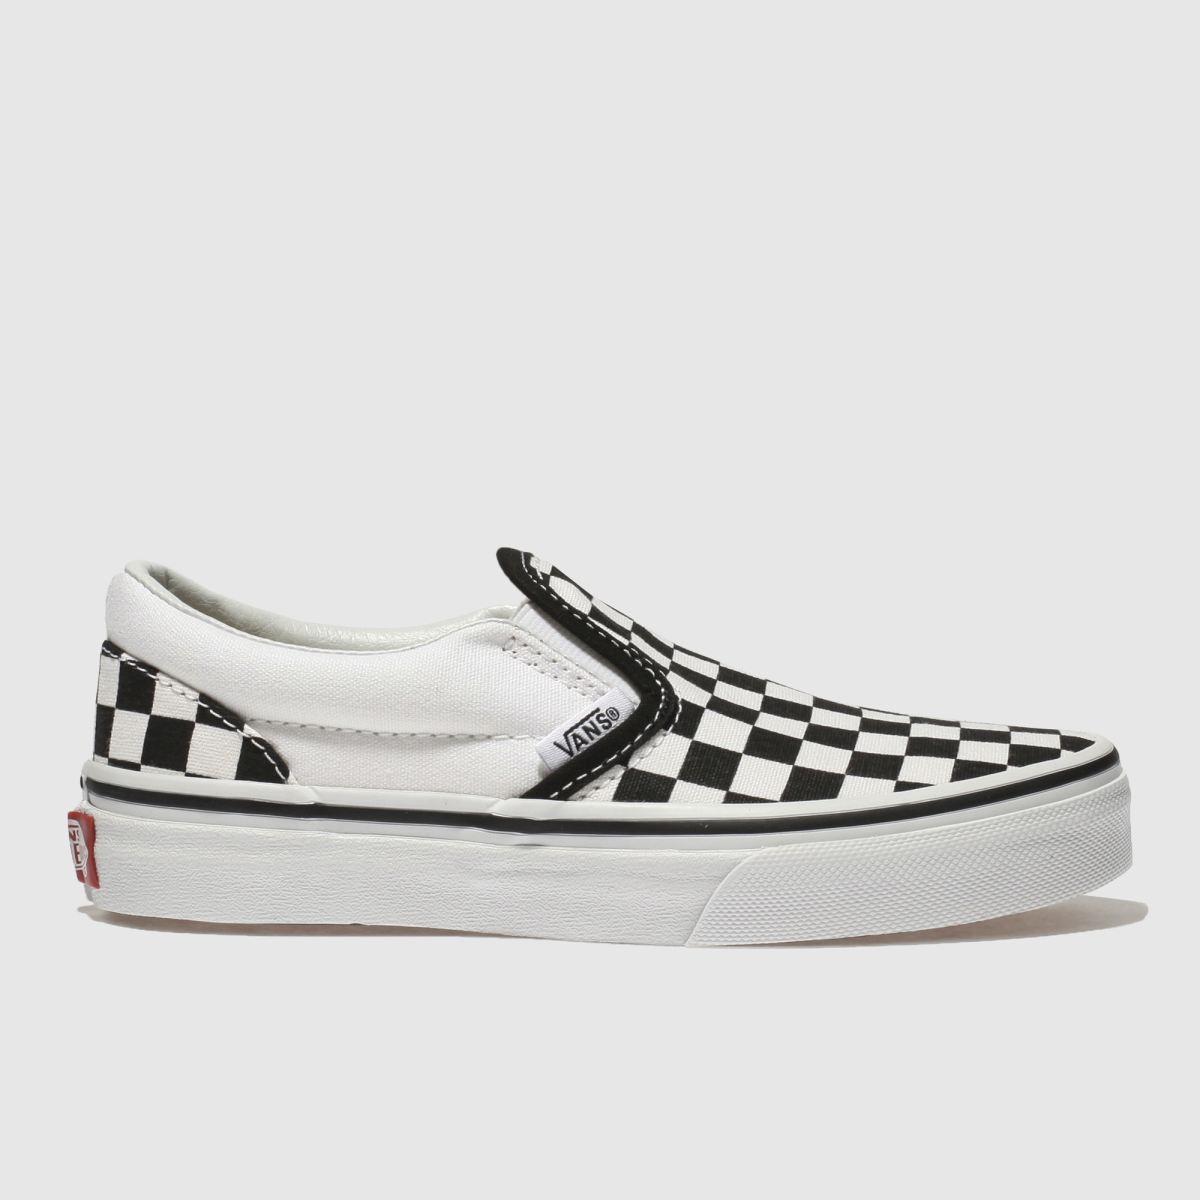 Vans White & Black Classic Slip-on Unisex Junior Junior